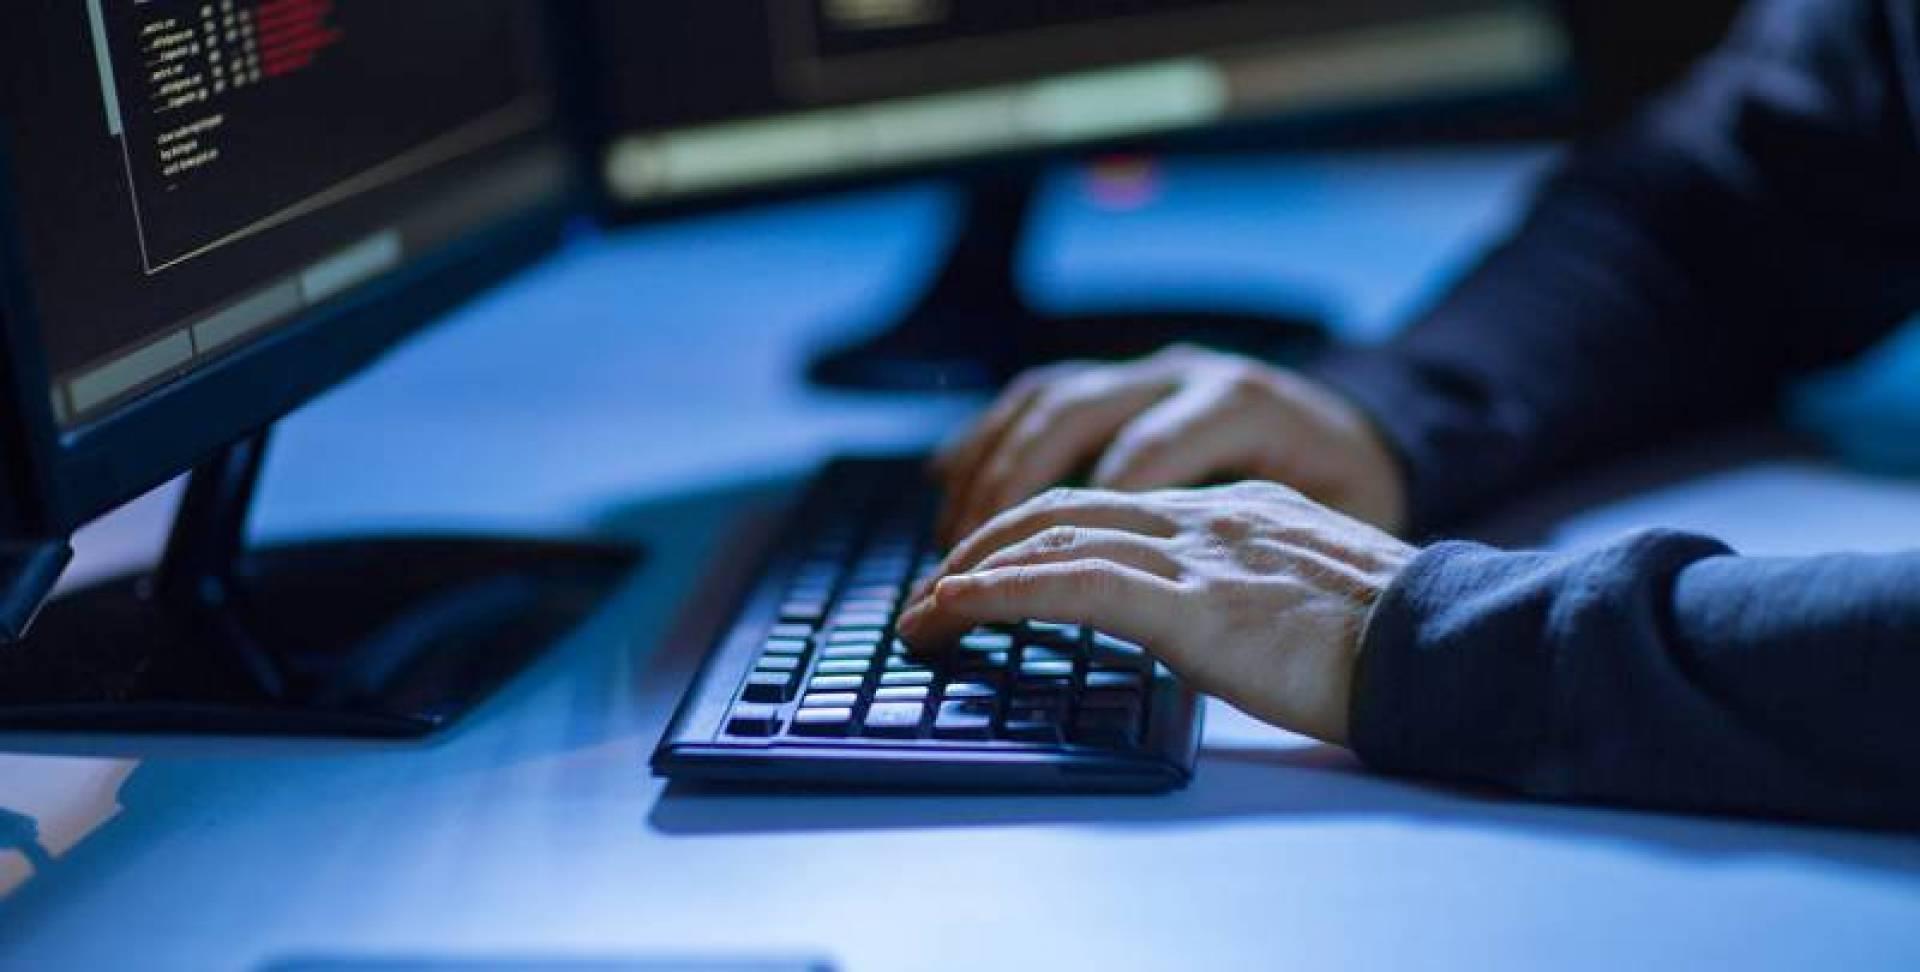 الكويت تتقدَّم في مكافحة الهجمات والجرائم الإلكترونية